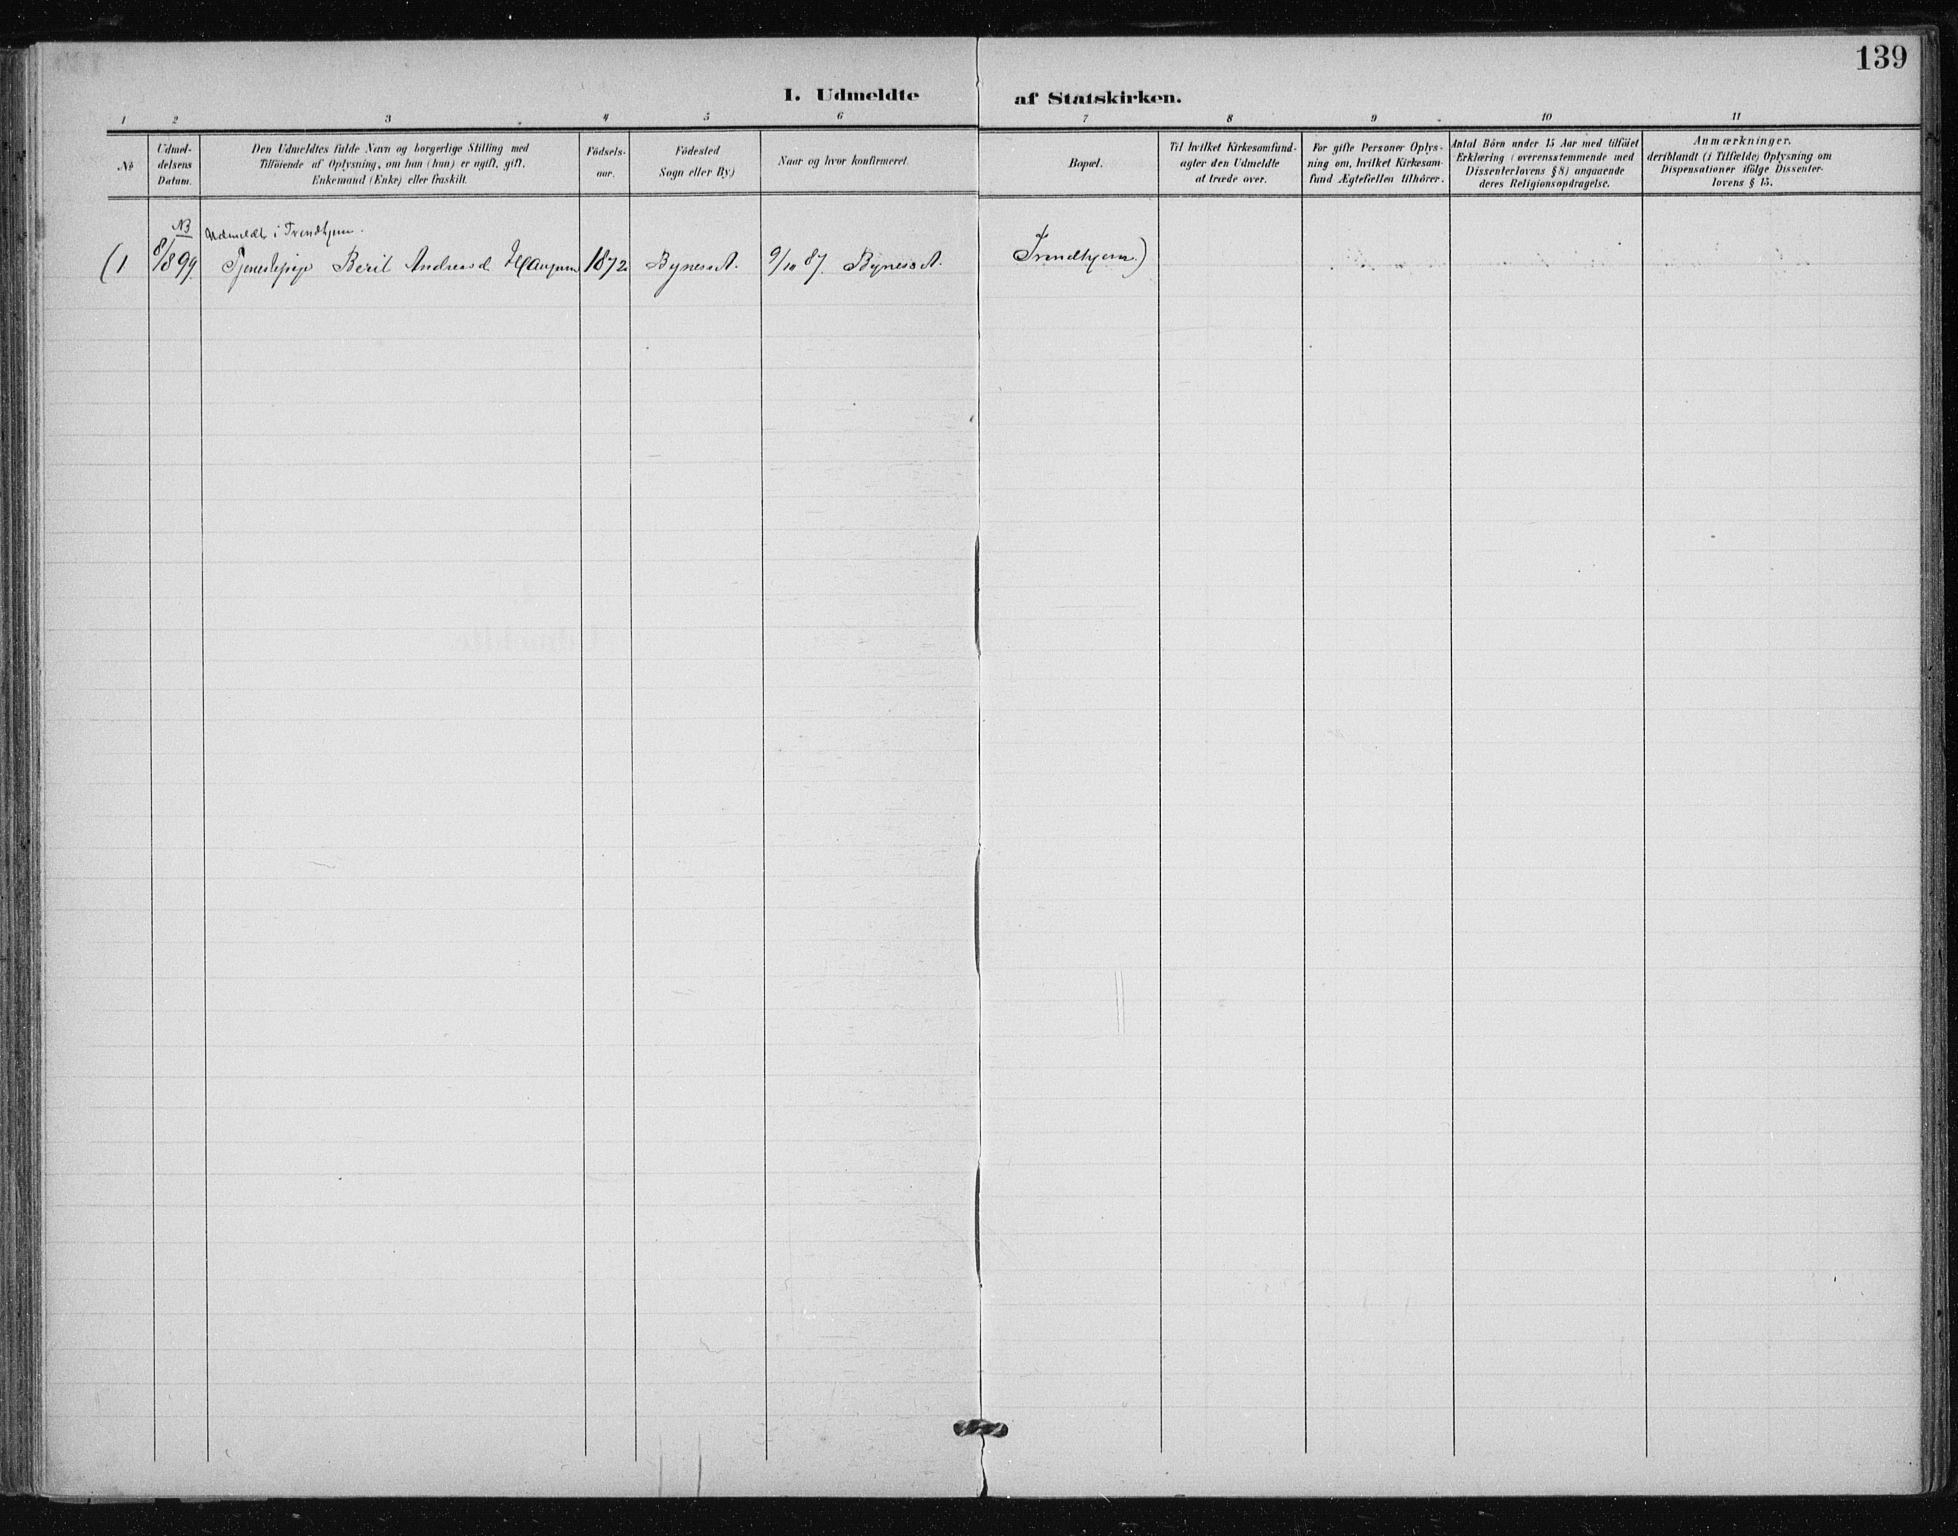 SAT, Ministerialprotokoller, klokkerbøker og fødselsregistre - Sør-Trøndelag, 612/L0380: Ministerialbok nr. 612A12, 1898-1907, s. 139